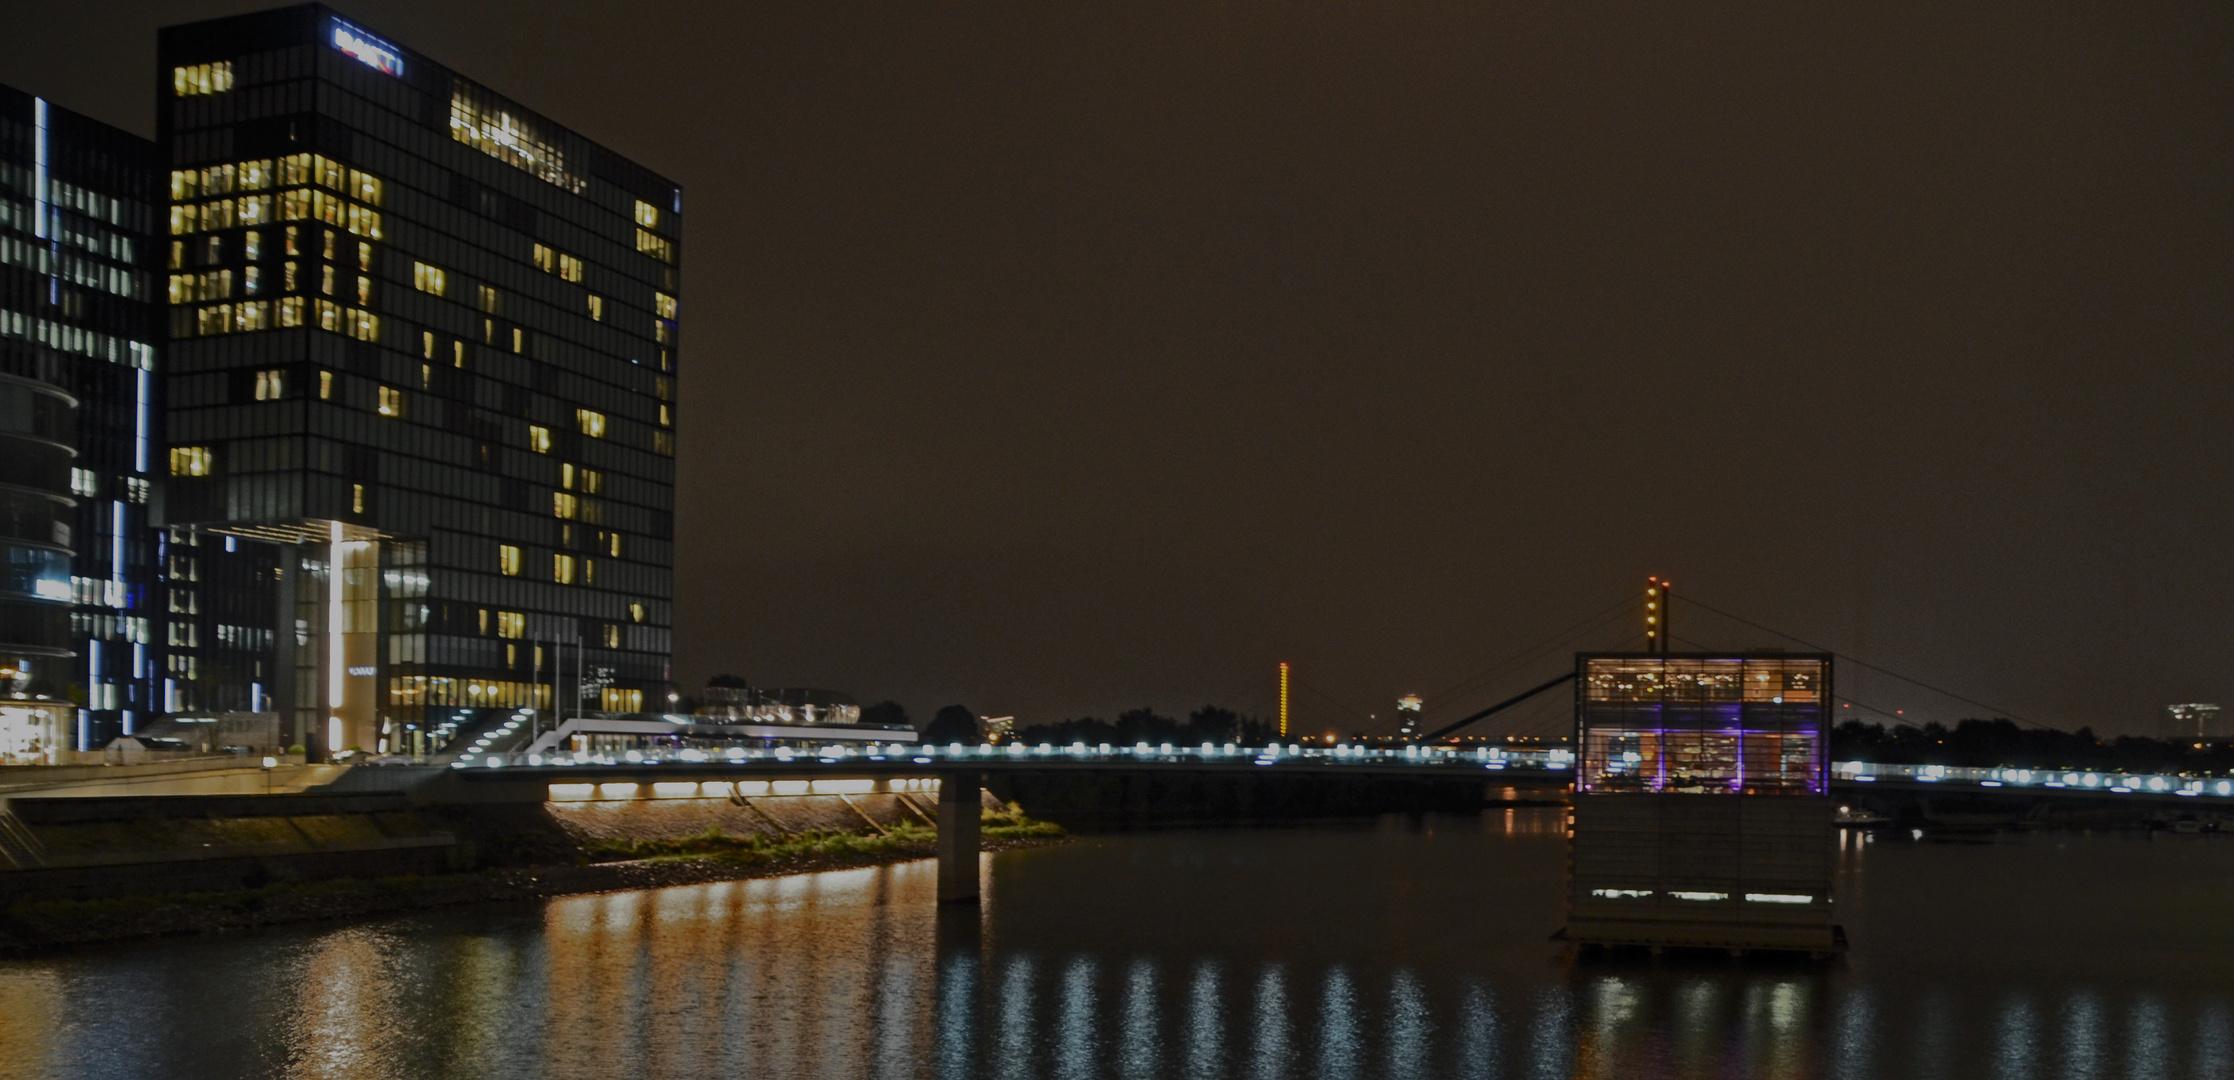 Medienhafen Düsseldorf by night